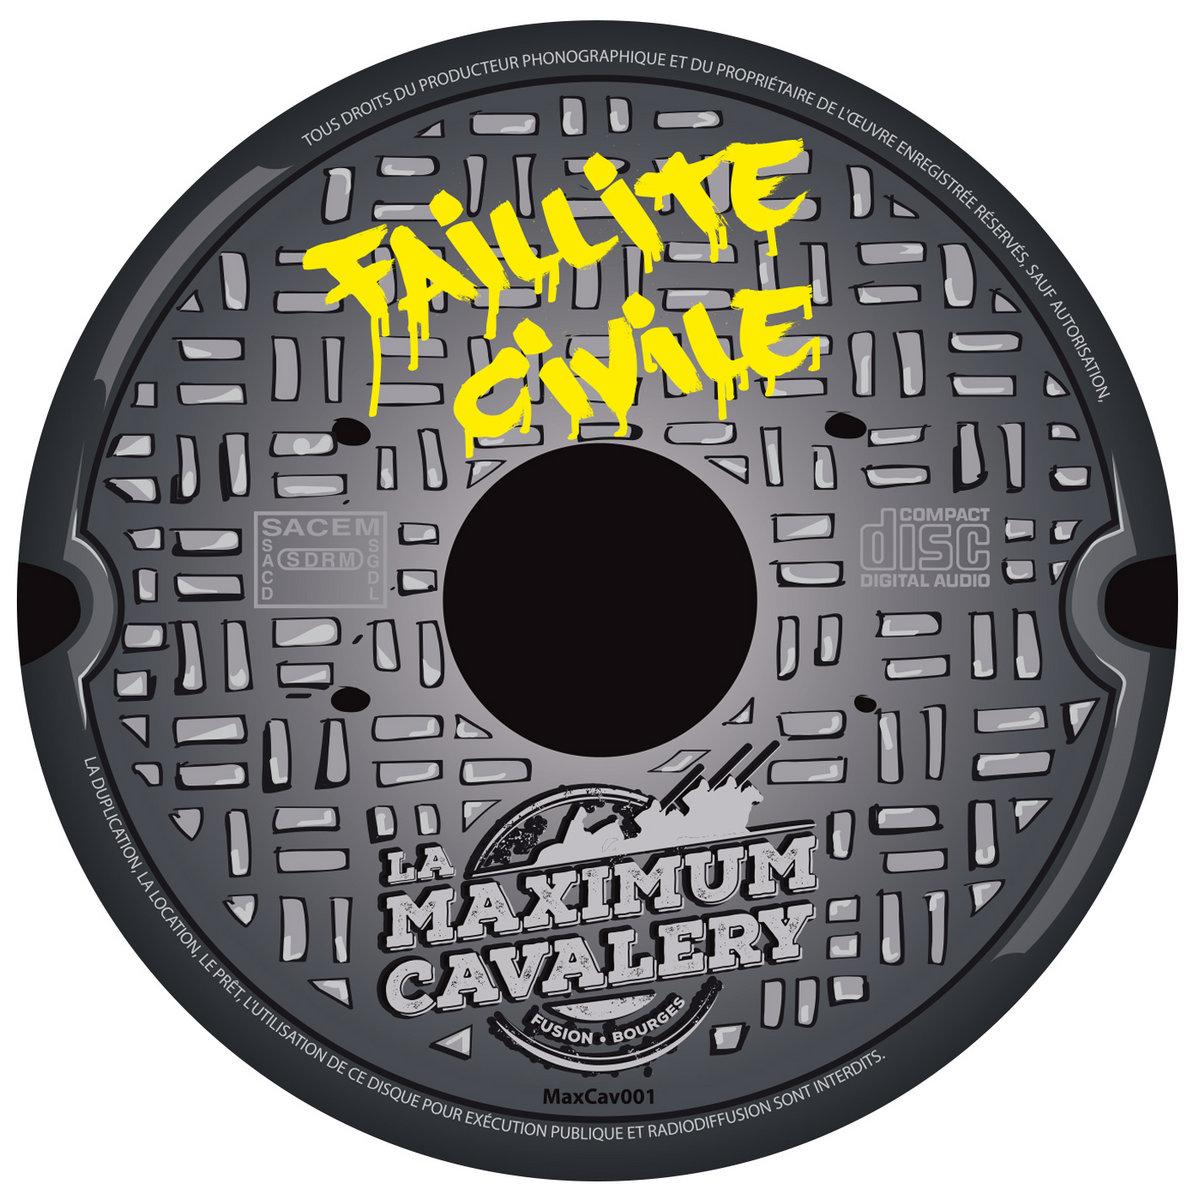 La Maximum Cavalery # Range Bouteille Bar Bois